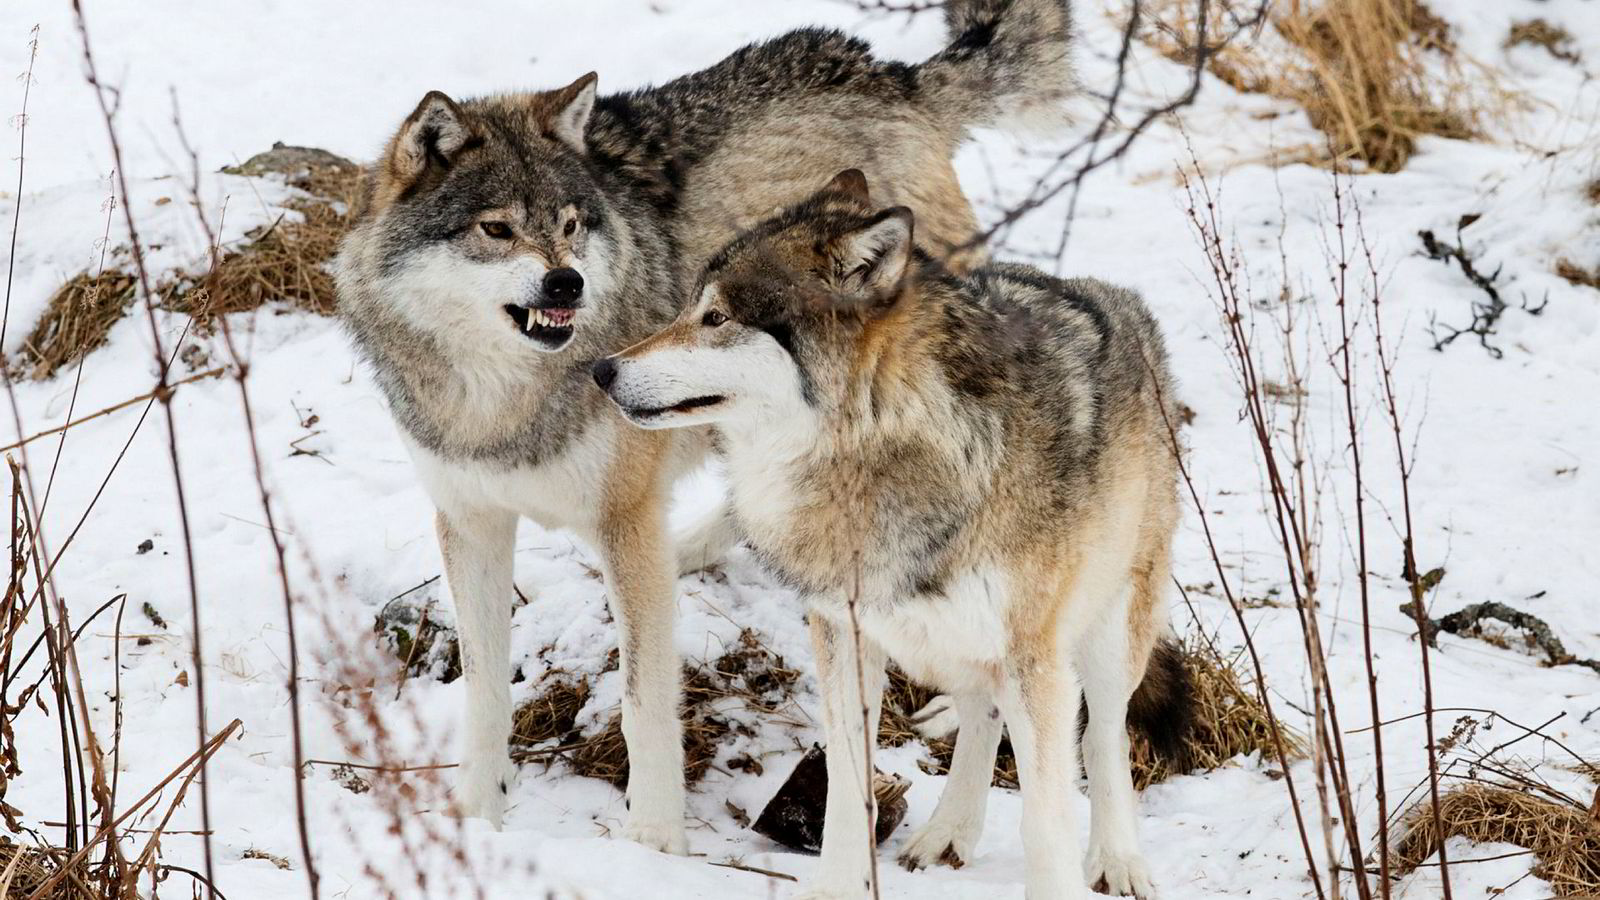 Det er svært sjelden at forvaltningsvedtak som gjelder miljøspørsmål bringes inn for rettslig kontroll i Norge, som ved klimasøksmålet og ulvefellingssaken. Her er to hannulver på Langedrag.